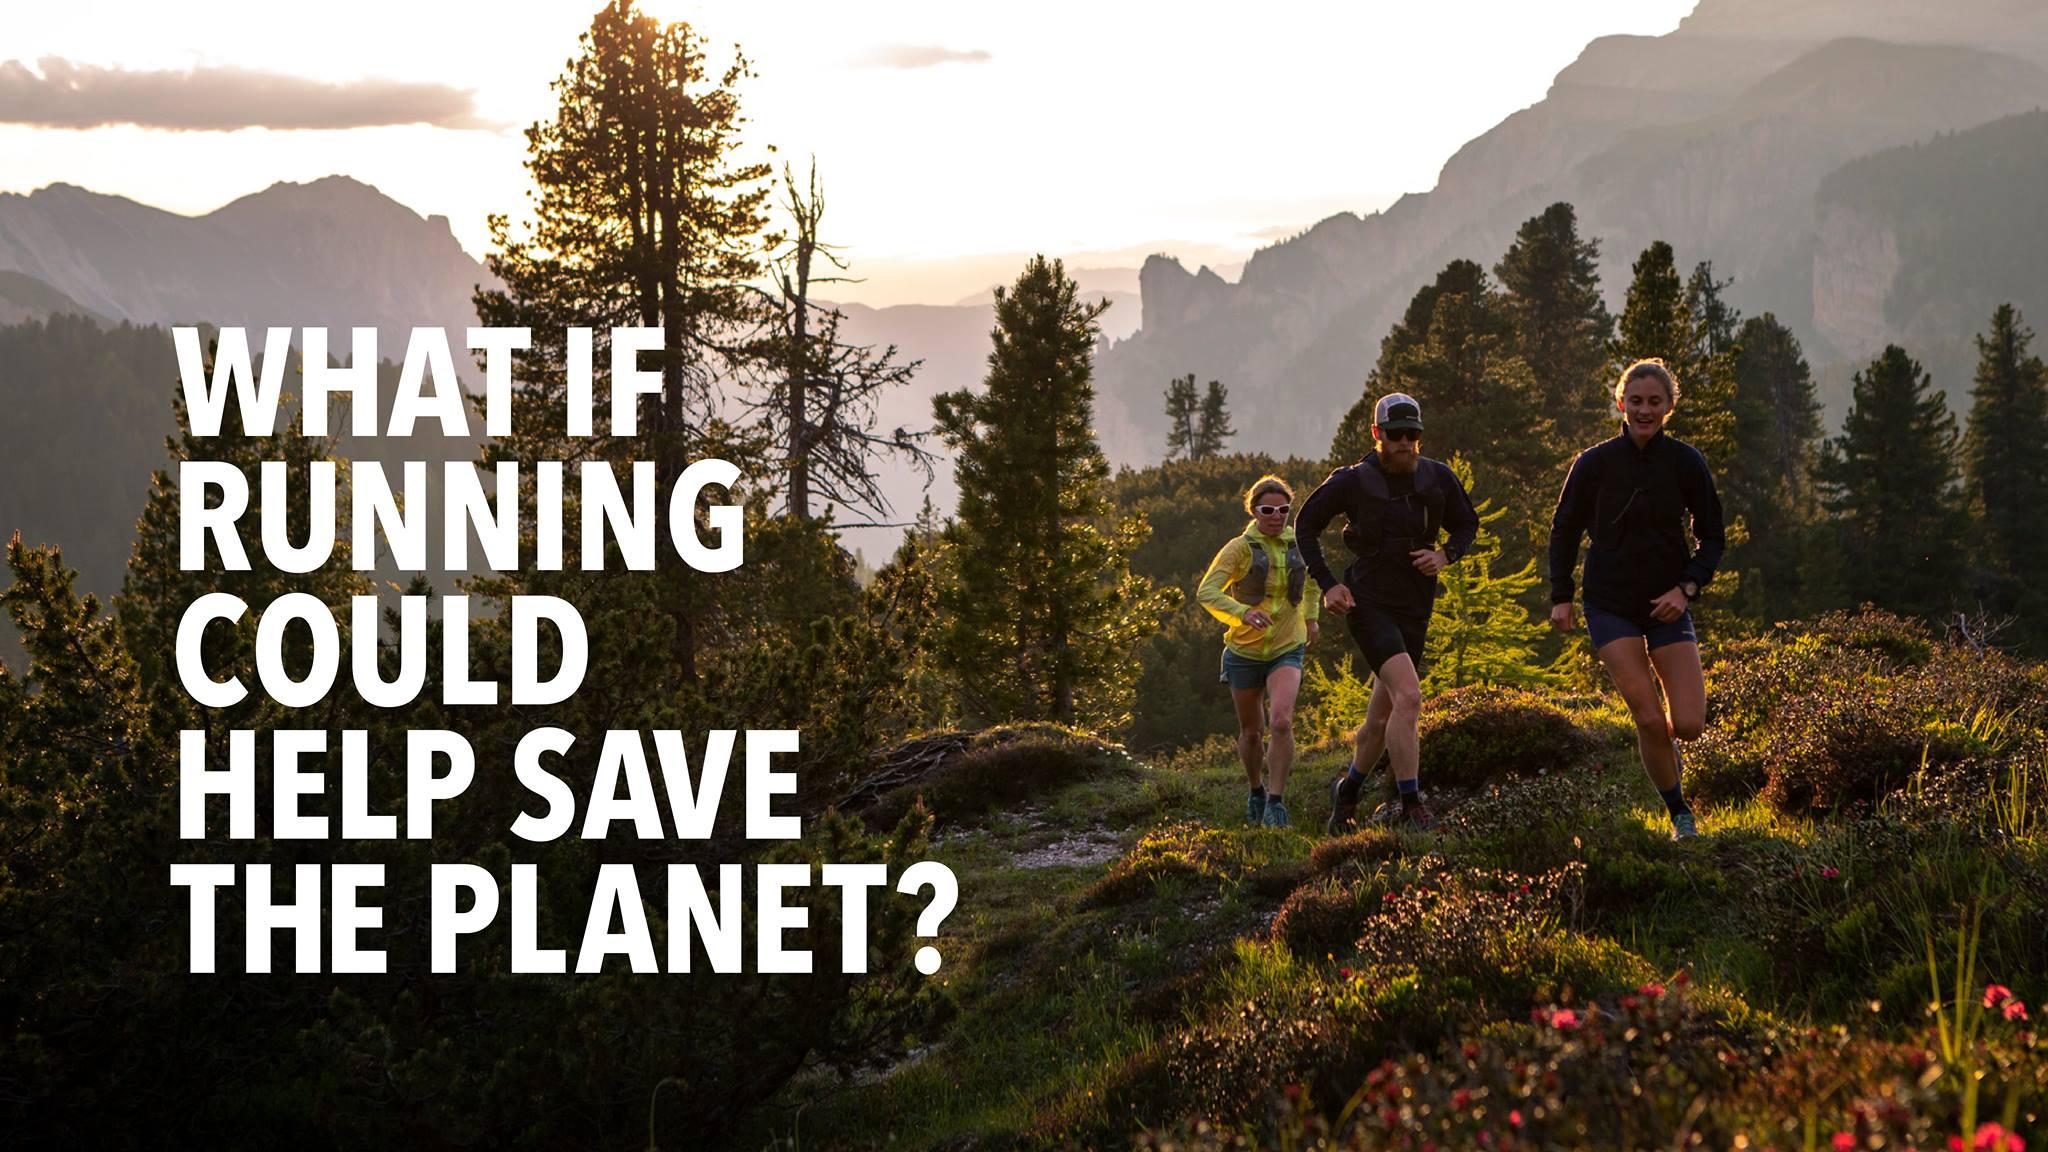 E se con la corsa si potesse contribuire a salvare il pianeta?